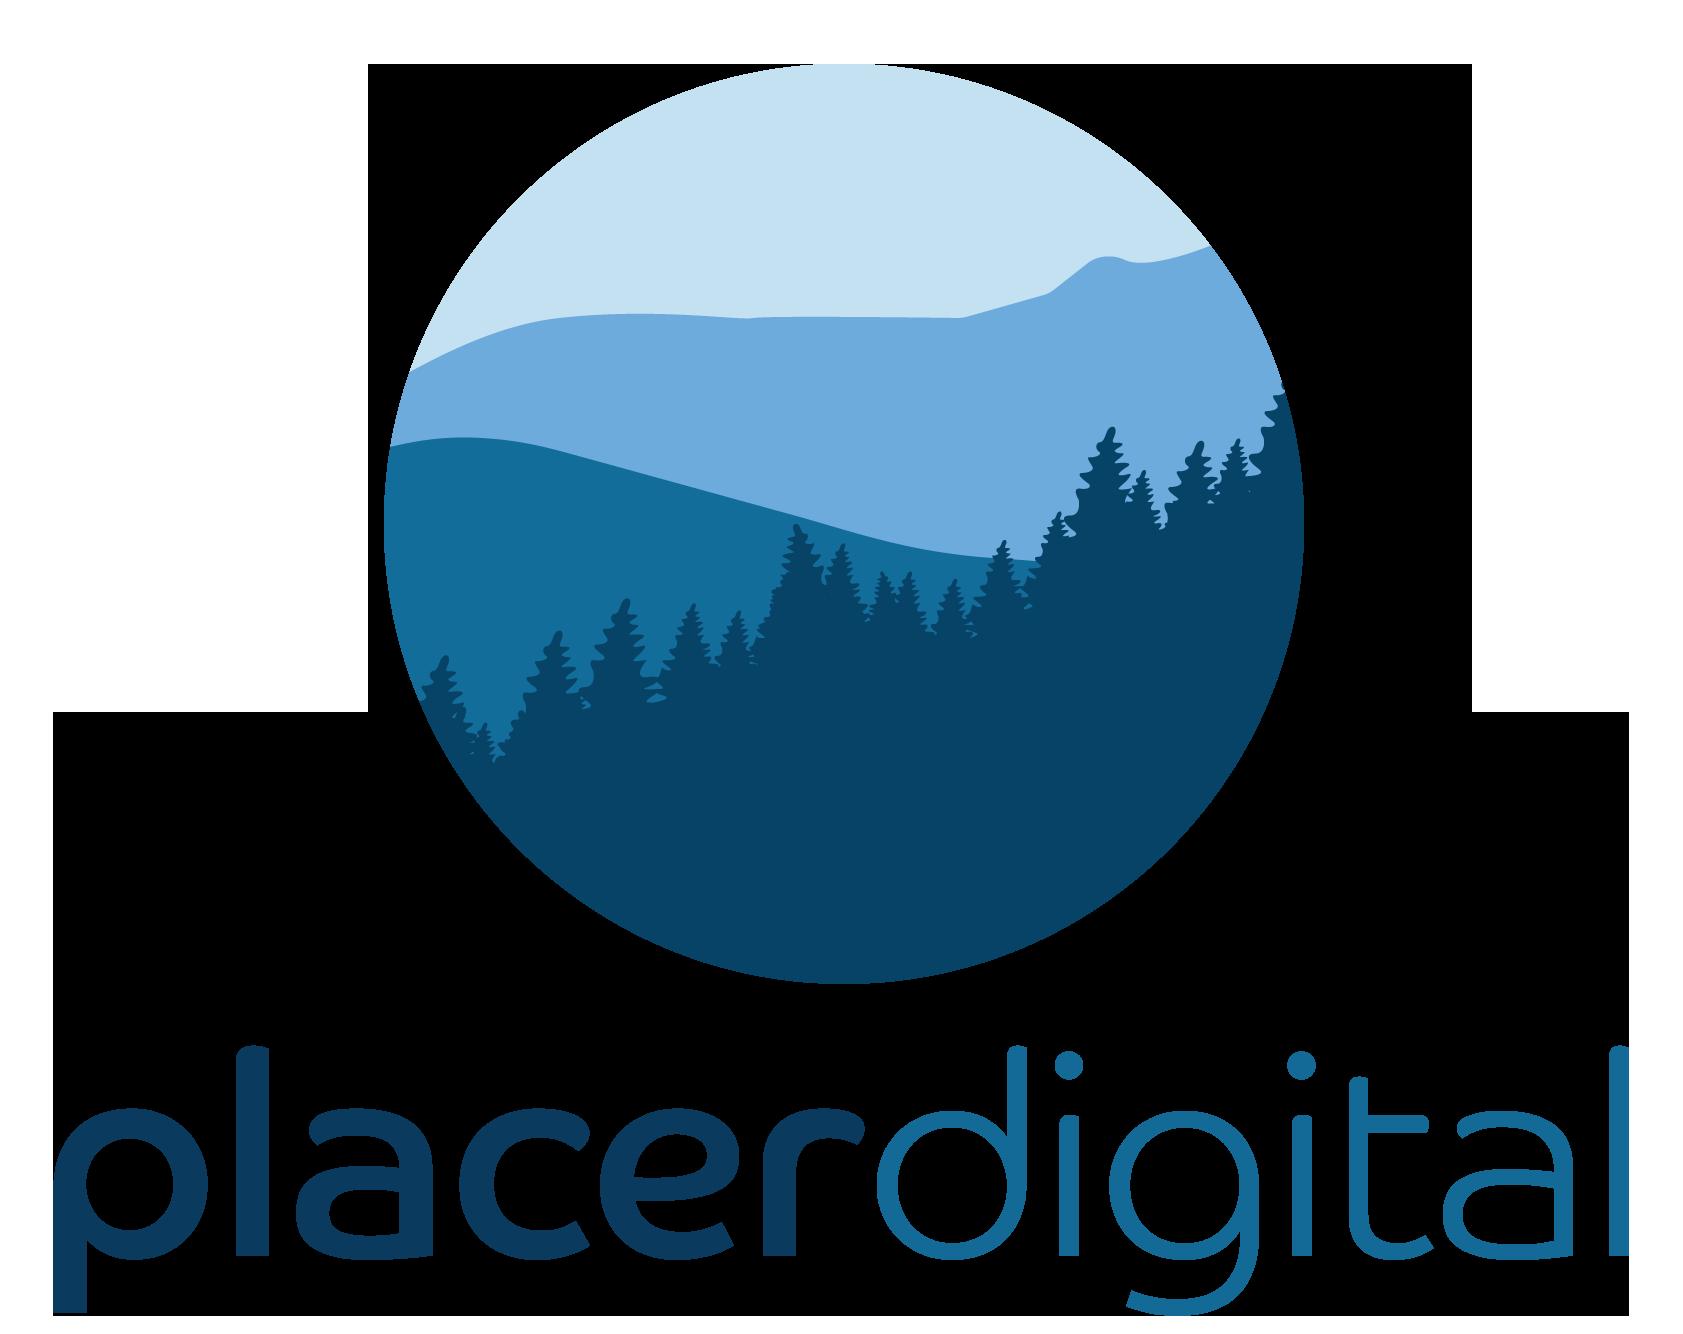 placer digital logo